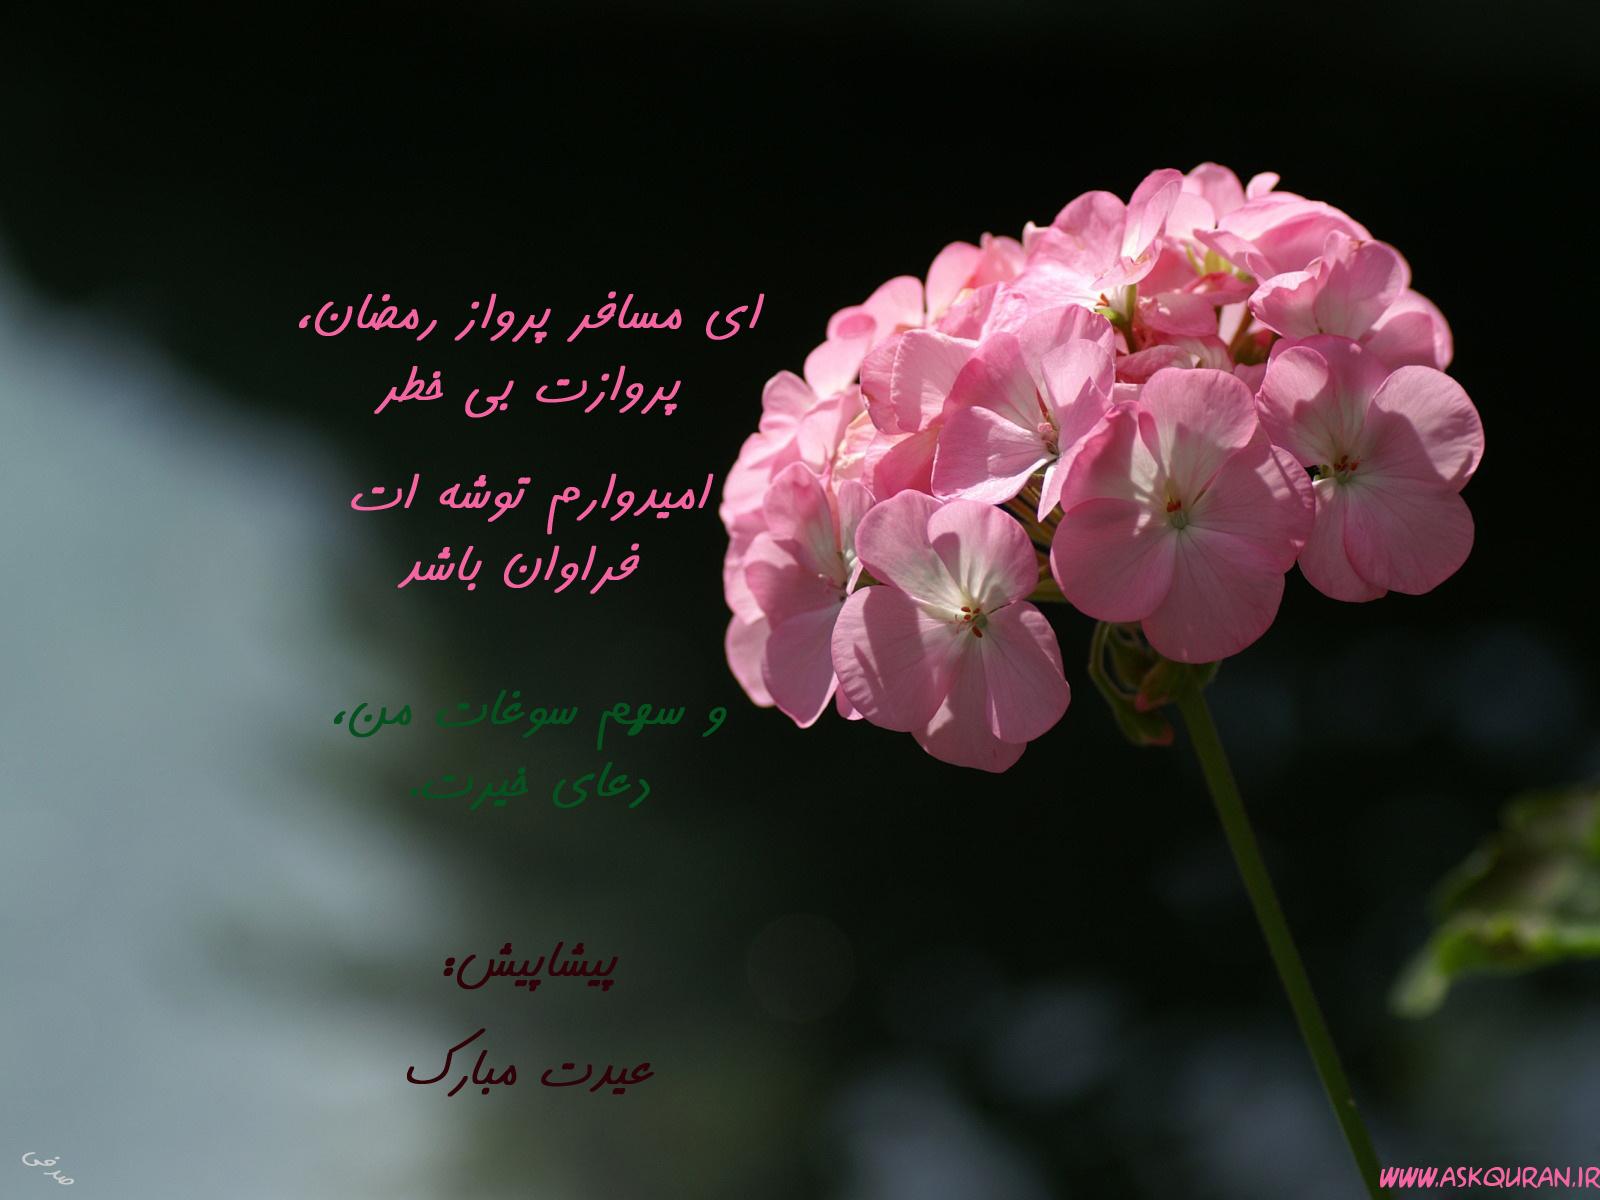 شمیم عید بندگی-ویژه نامه حلول ماه شوال -عید سعید فطر 1437